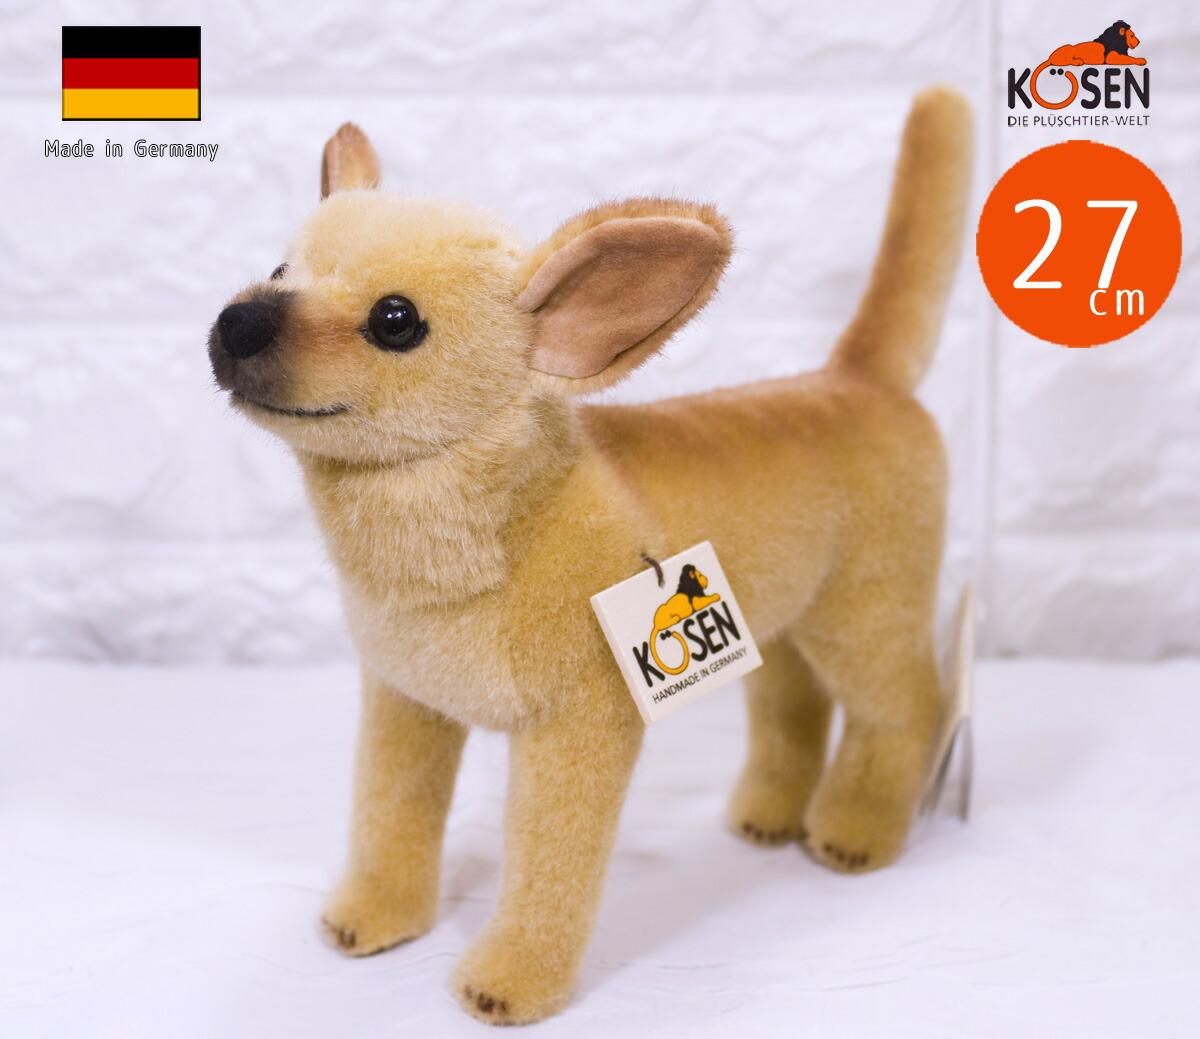 ケーセン ぬいぐるみ kosen 社 チワワ 27cm CHIHUAHUA 犬 いぬ ねこ ネコ 猫 リアル 動物